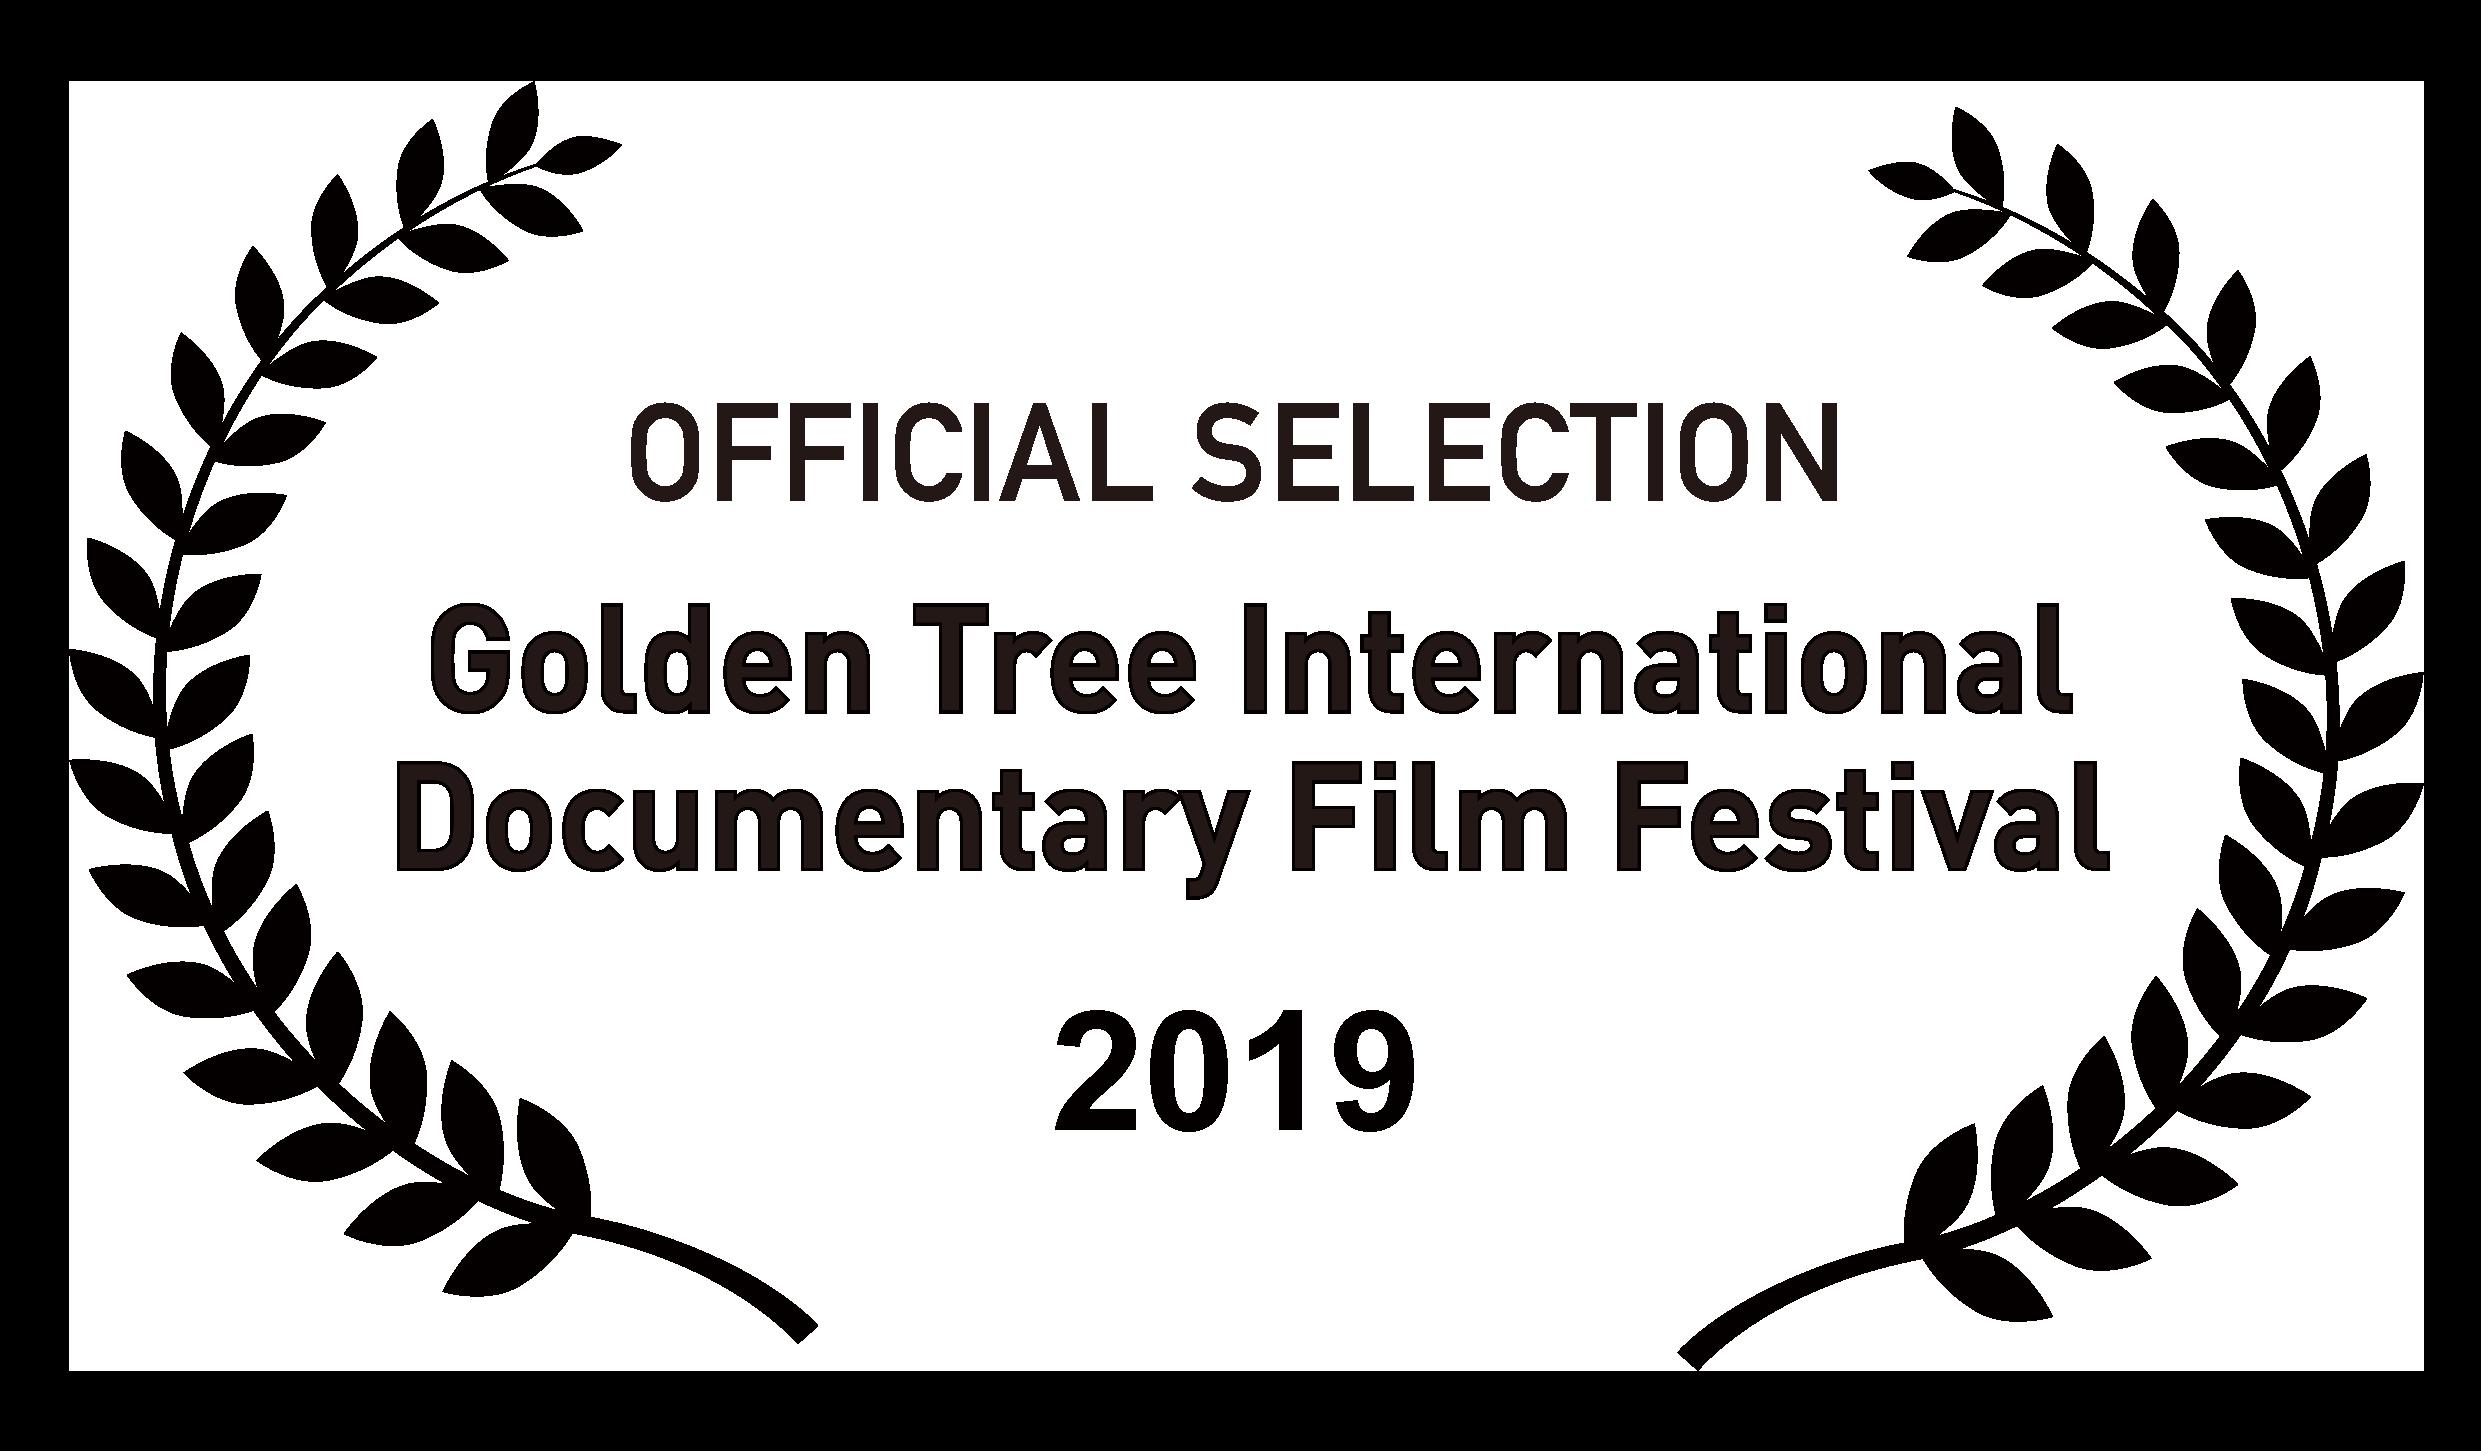 Golden Tree International Documentary Film Festival -